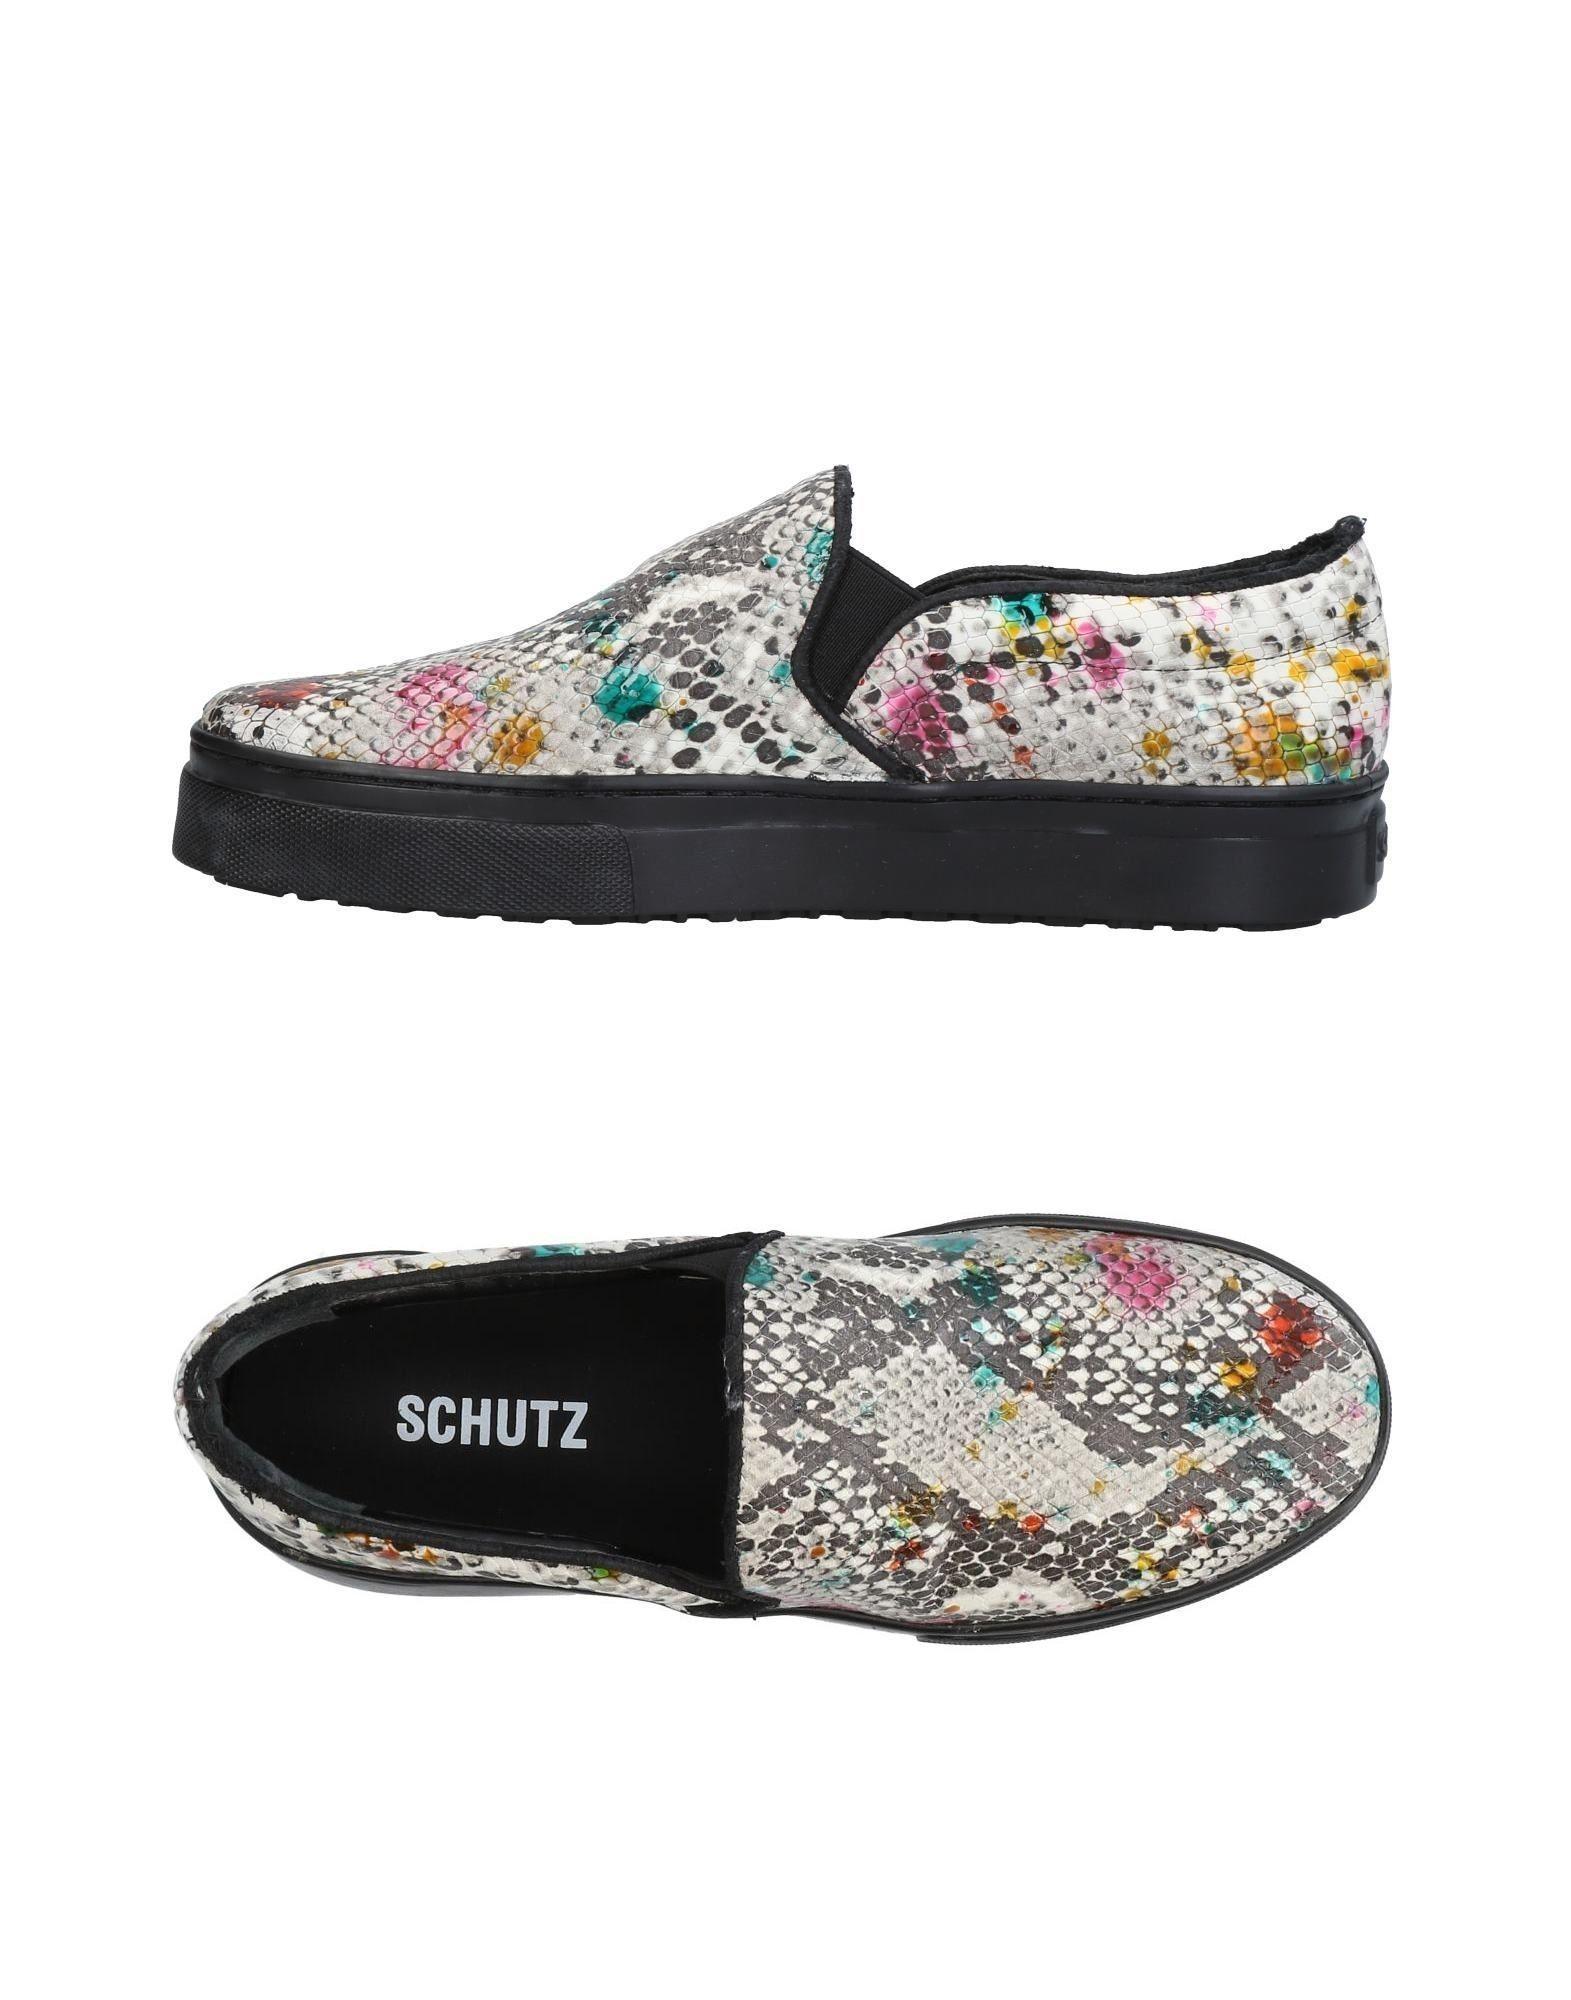 Schutz Sneakers In Grey